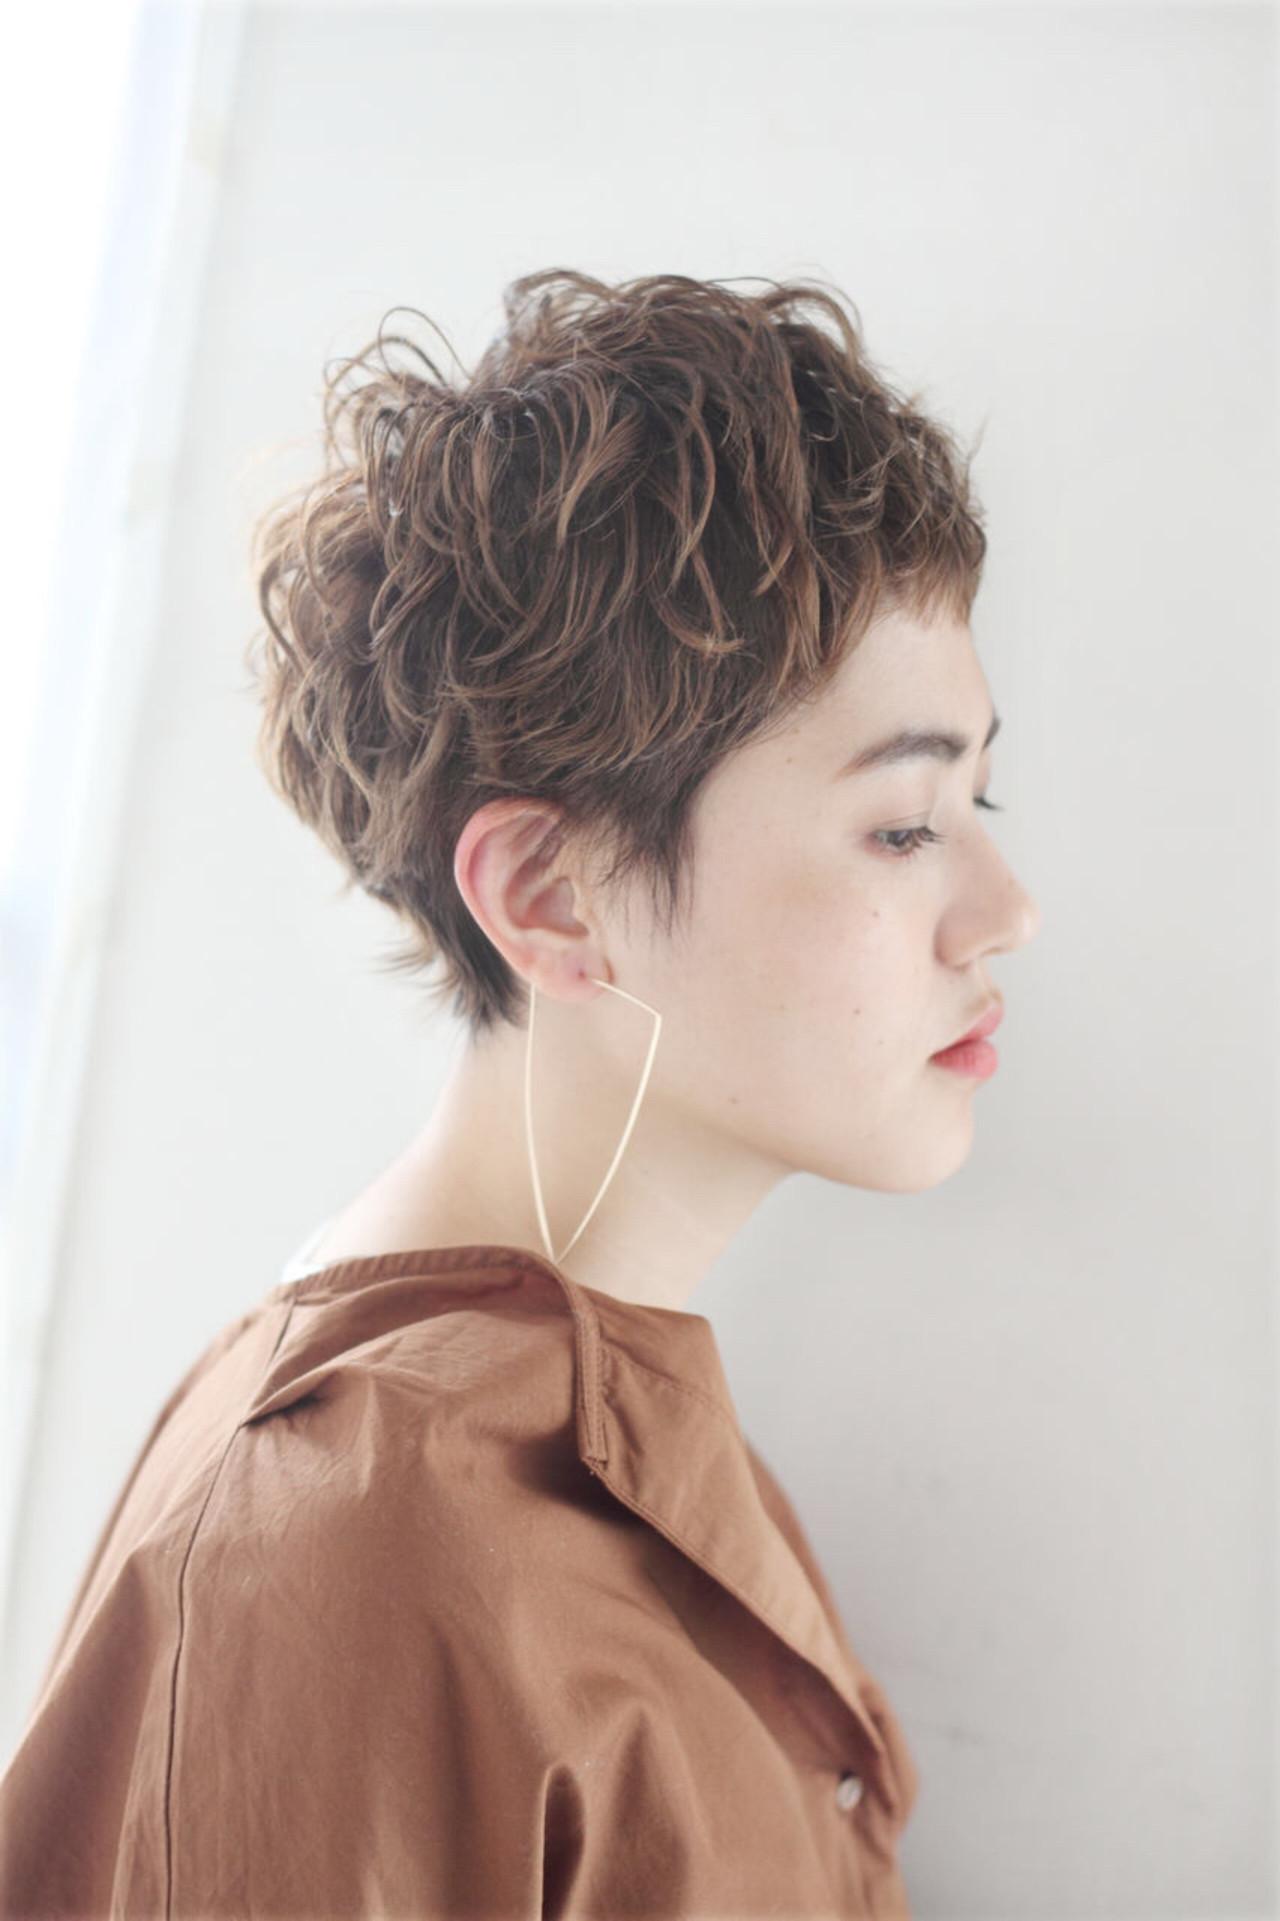 ボリュームのあるトップはラフ感UP Sasaki Ayumi | mod's hair 新宿サウス店